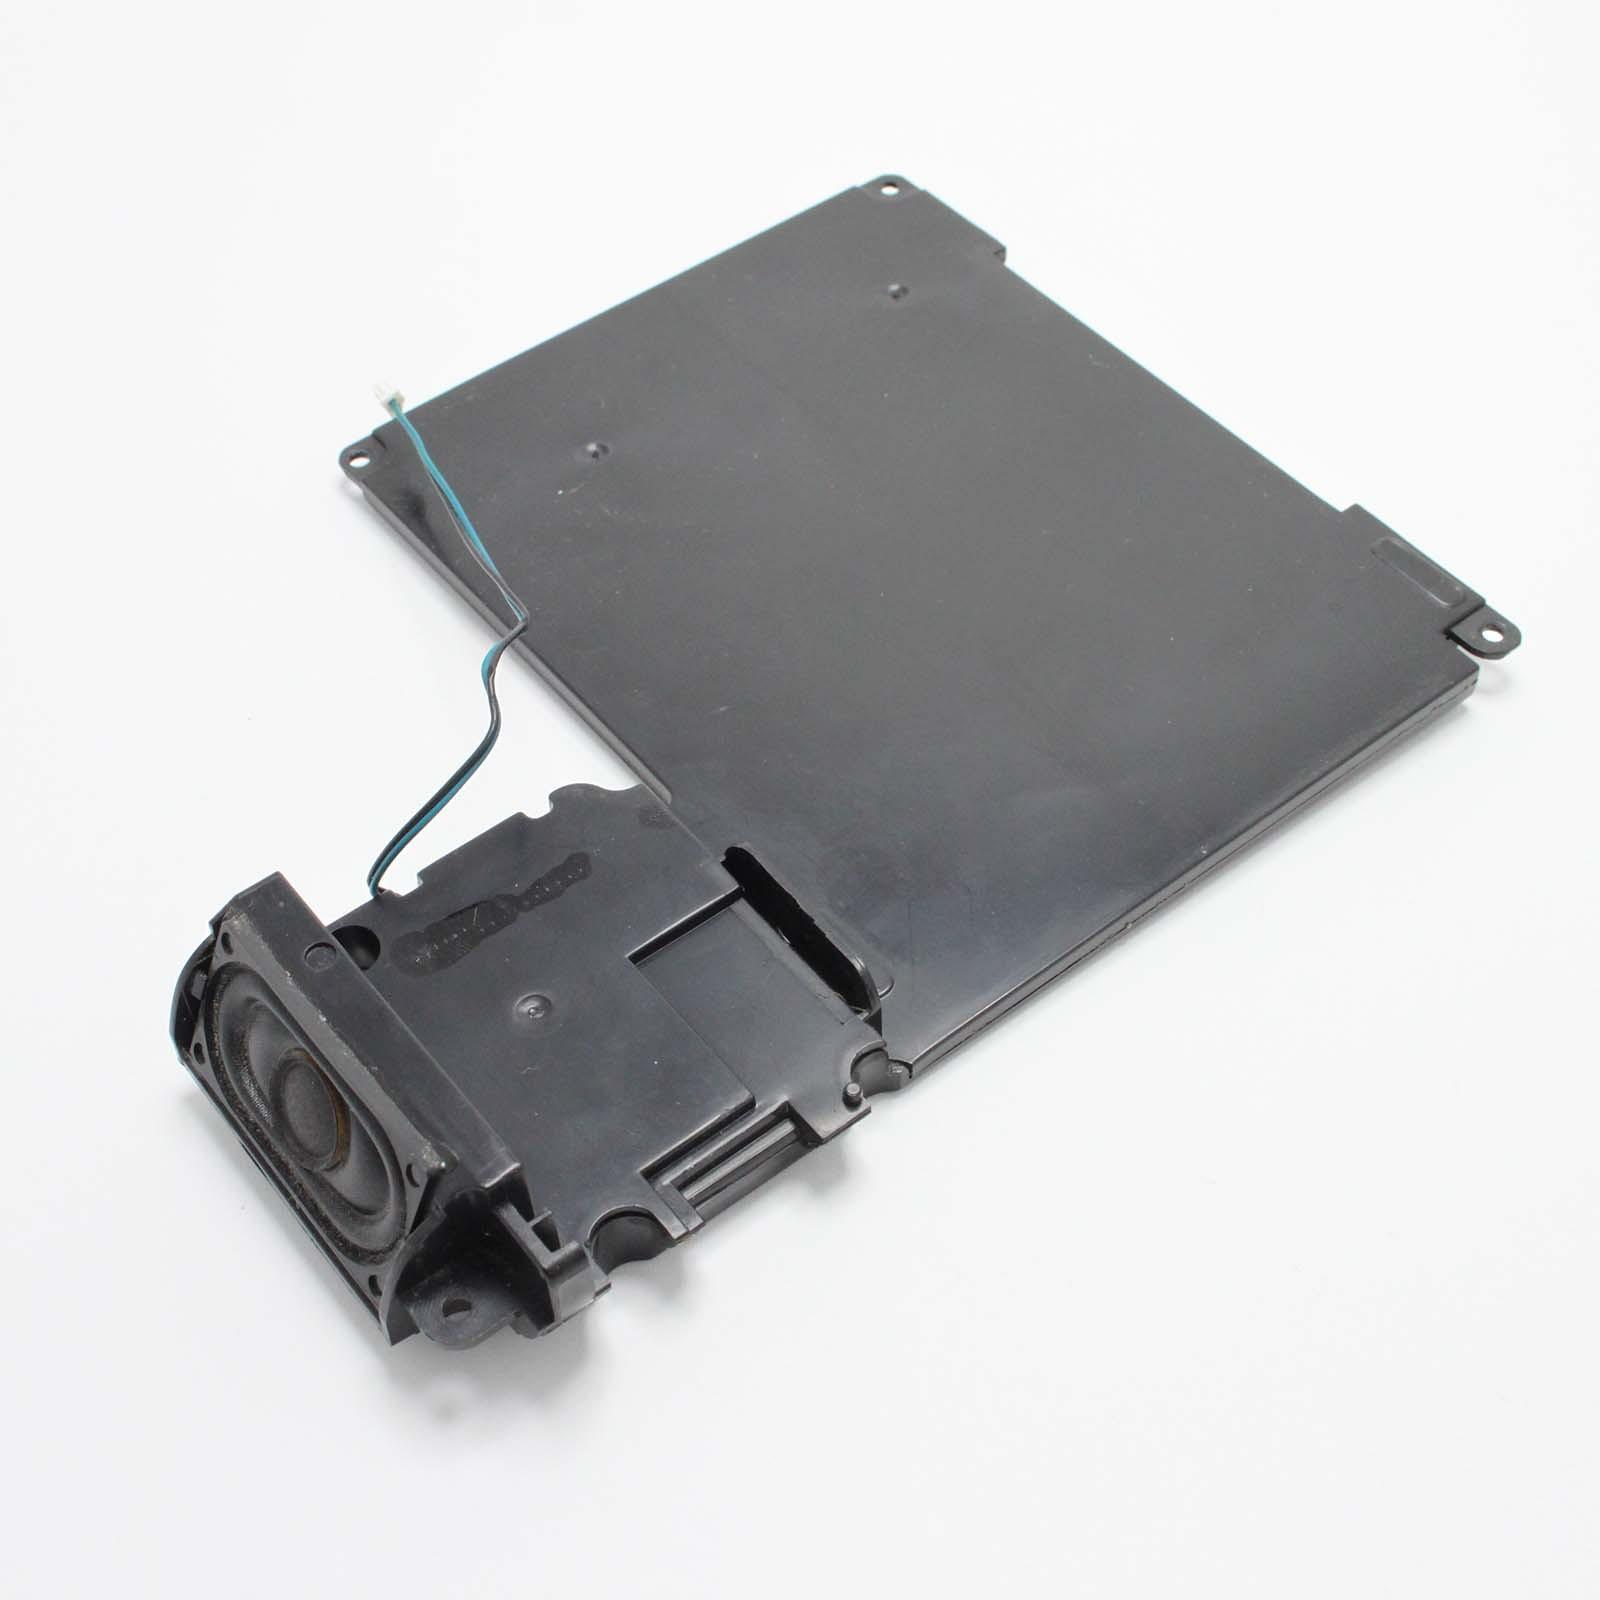 Altoparlante HP Pavilion ZD7000 speaker DNEABT40103 cassa audio